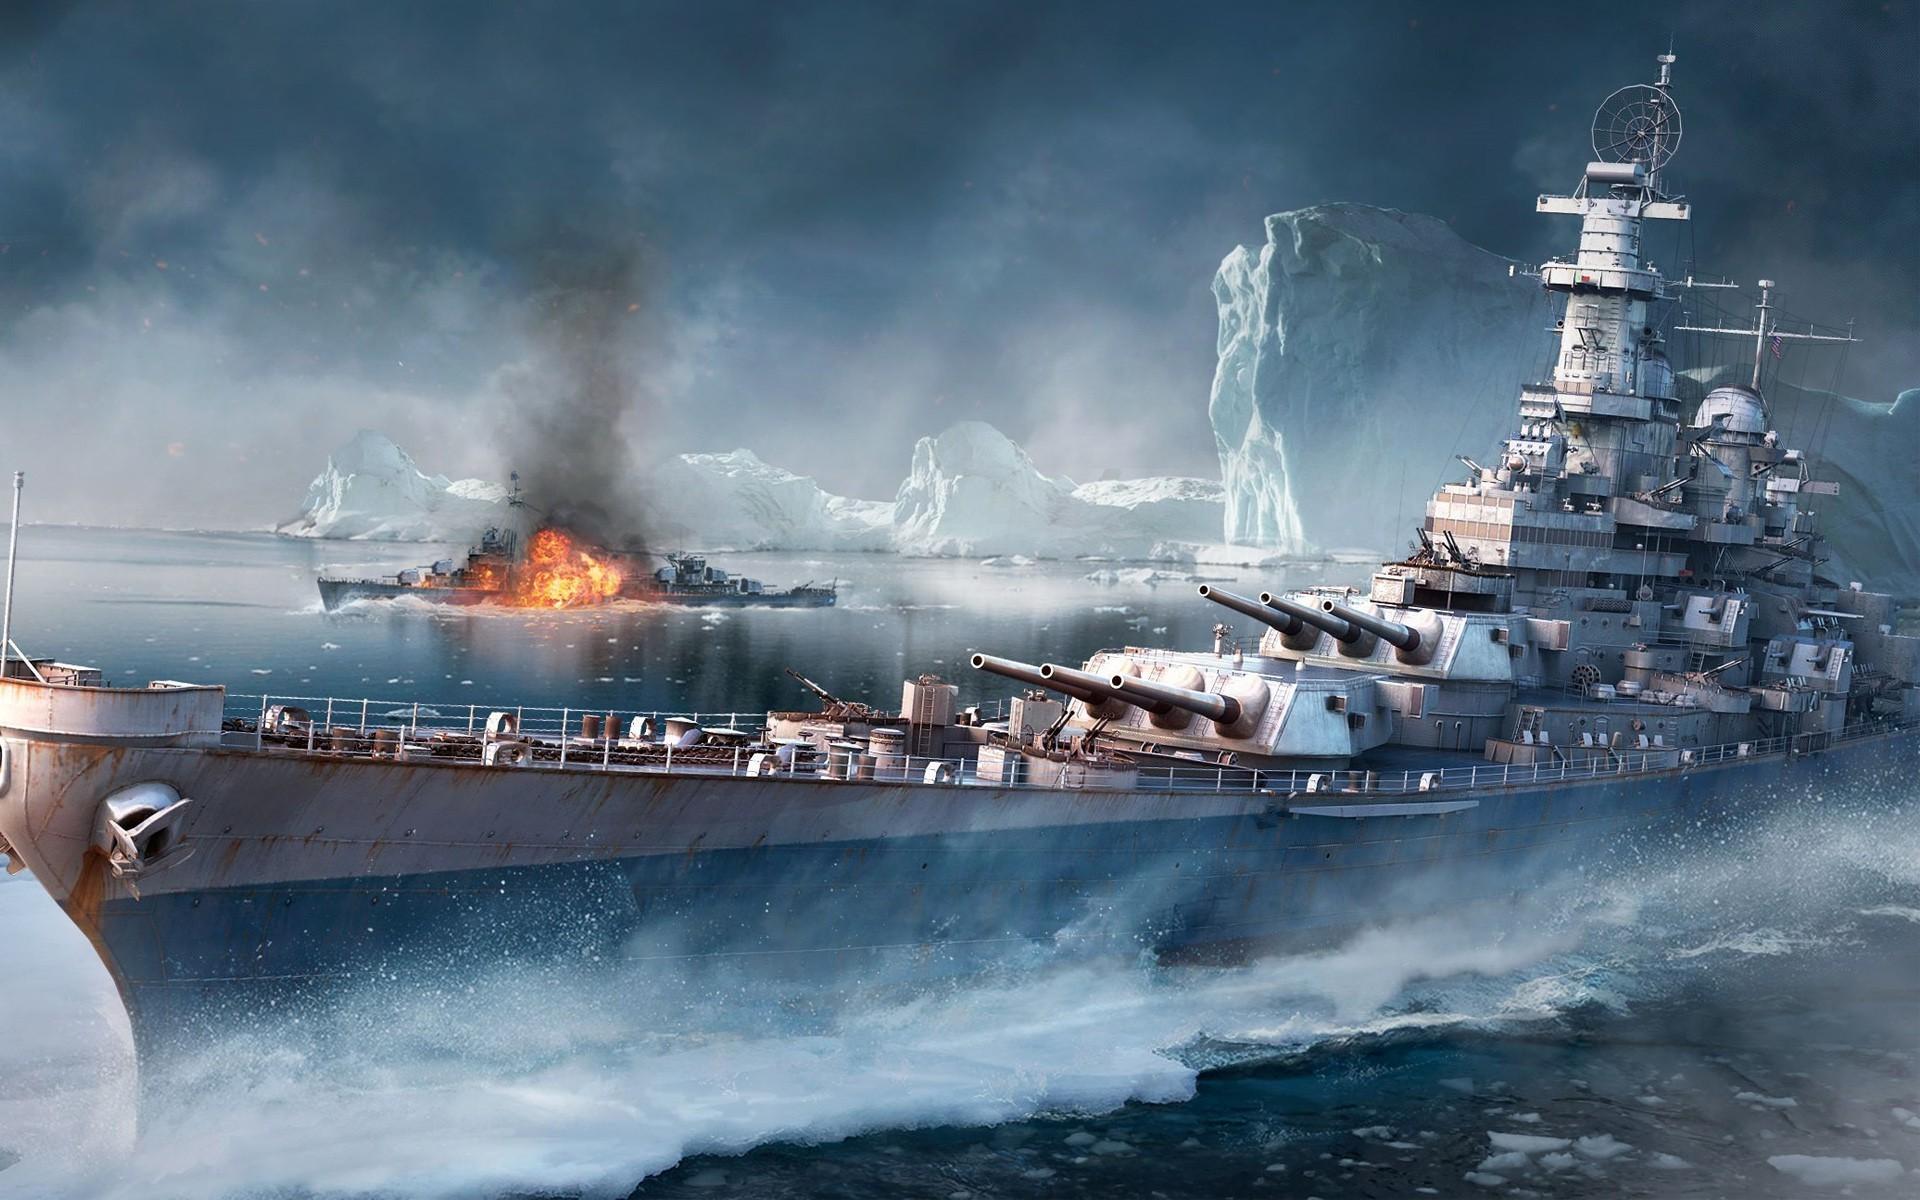 обои для рабочего стола world of warships 1280x1024 № 248348 бесплатно